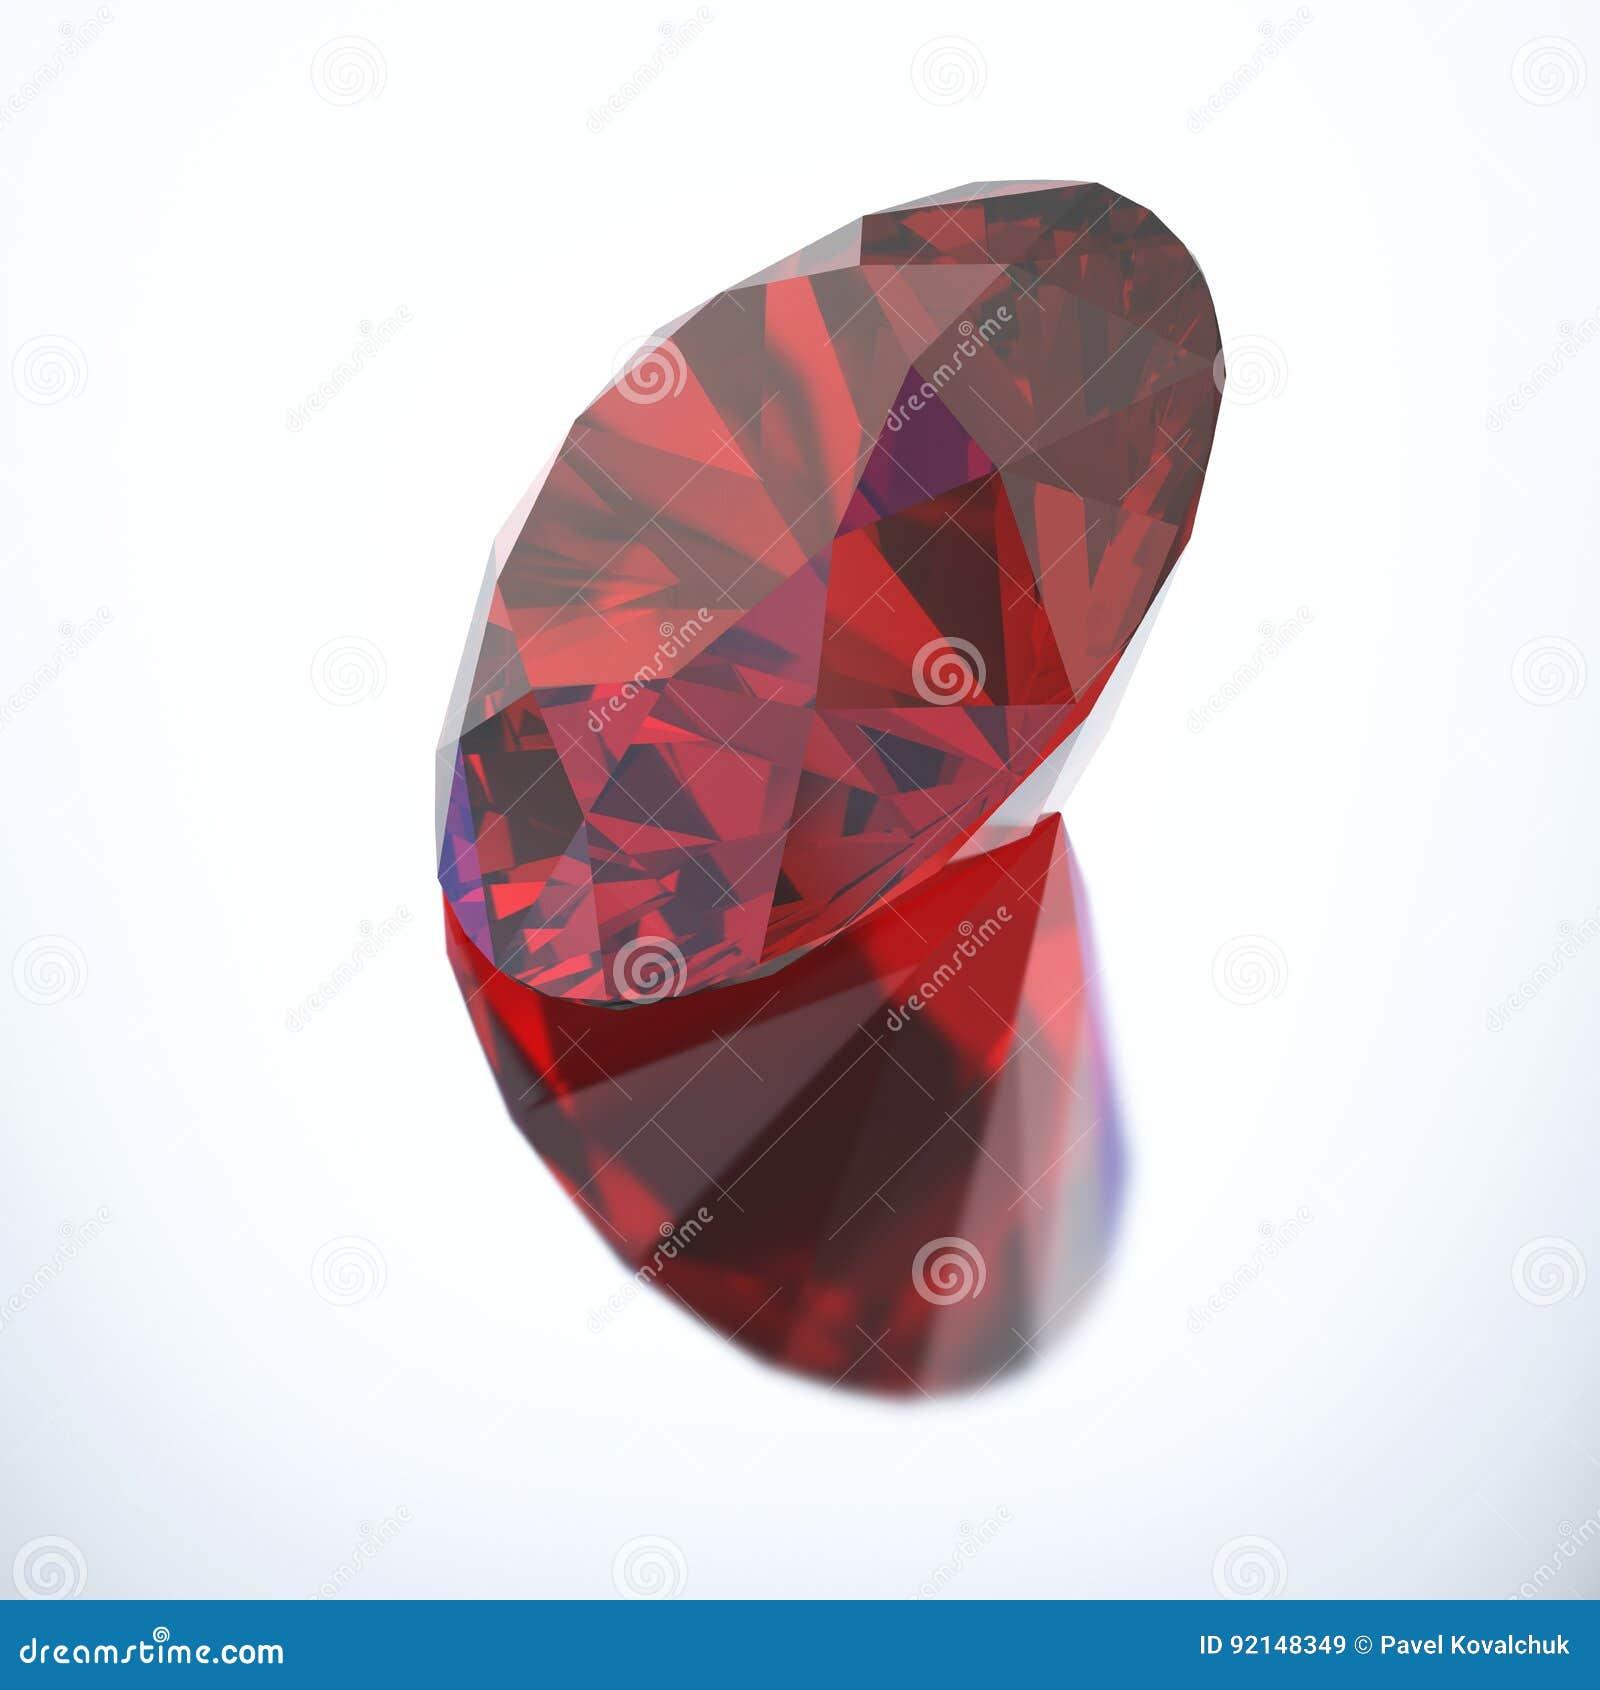 448b68b4a413 Rubí rojo del diamante del ejemplo 3D con la reflexión en un fondo gris